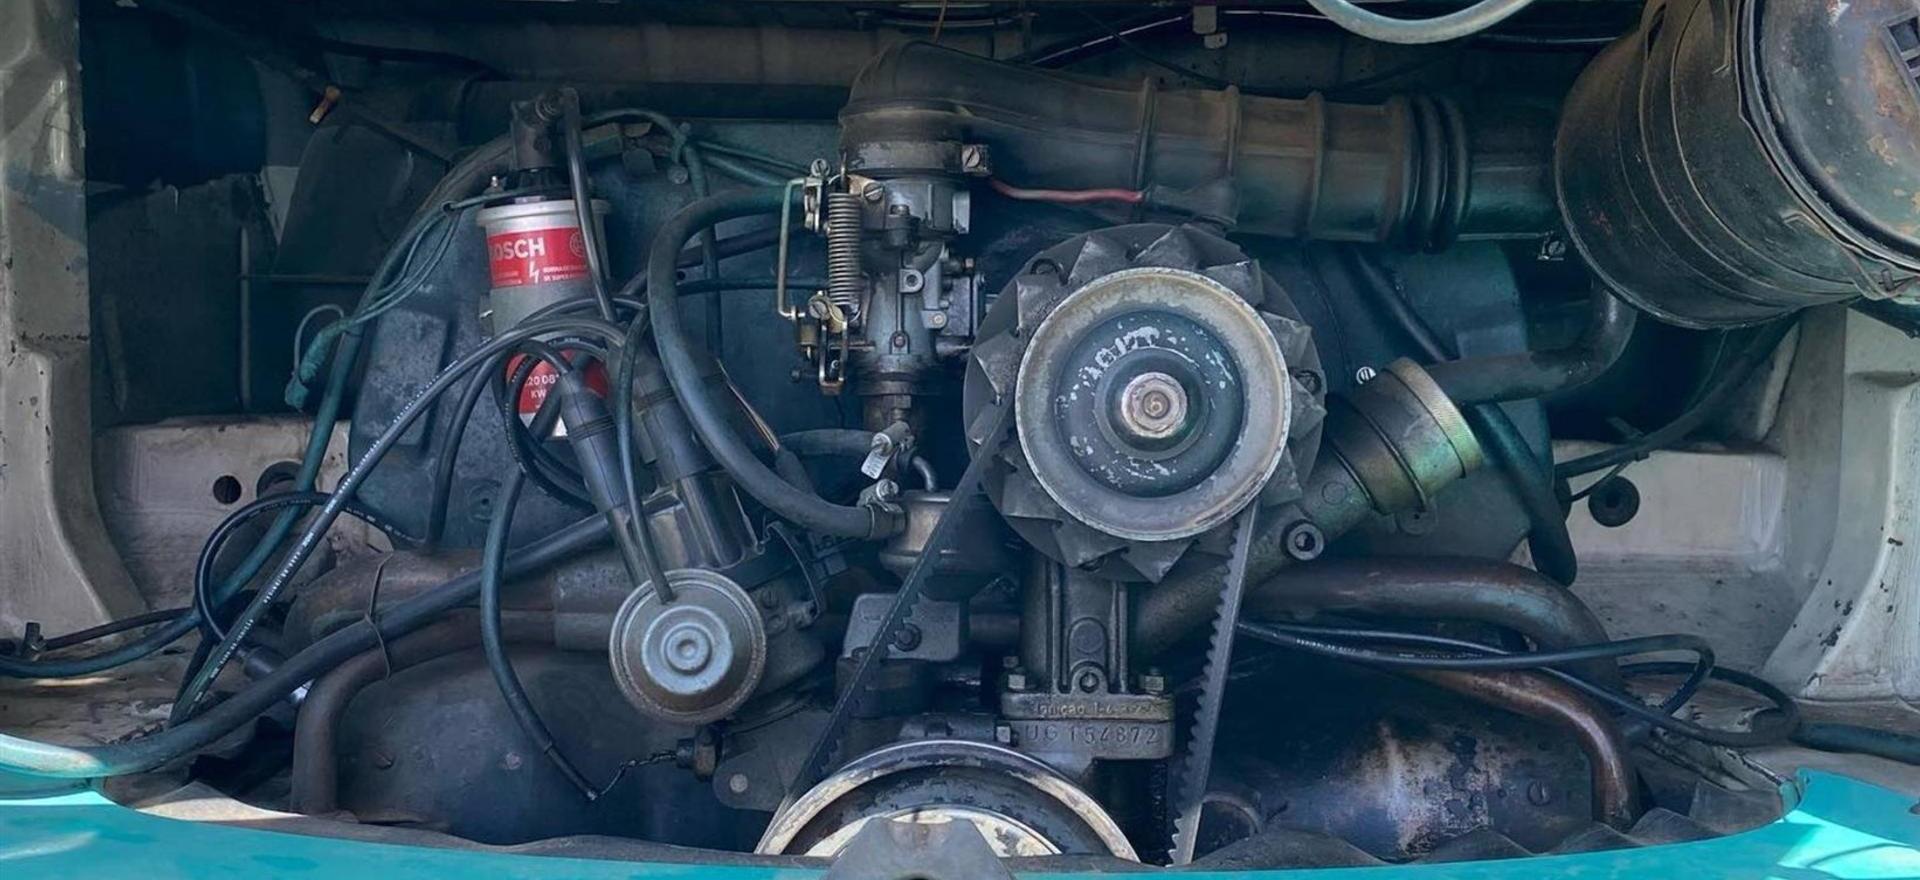 1994 Volkswagen Baywindow